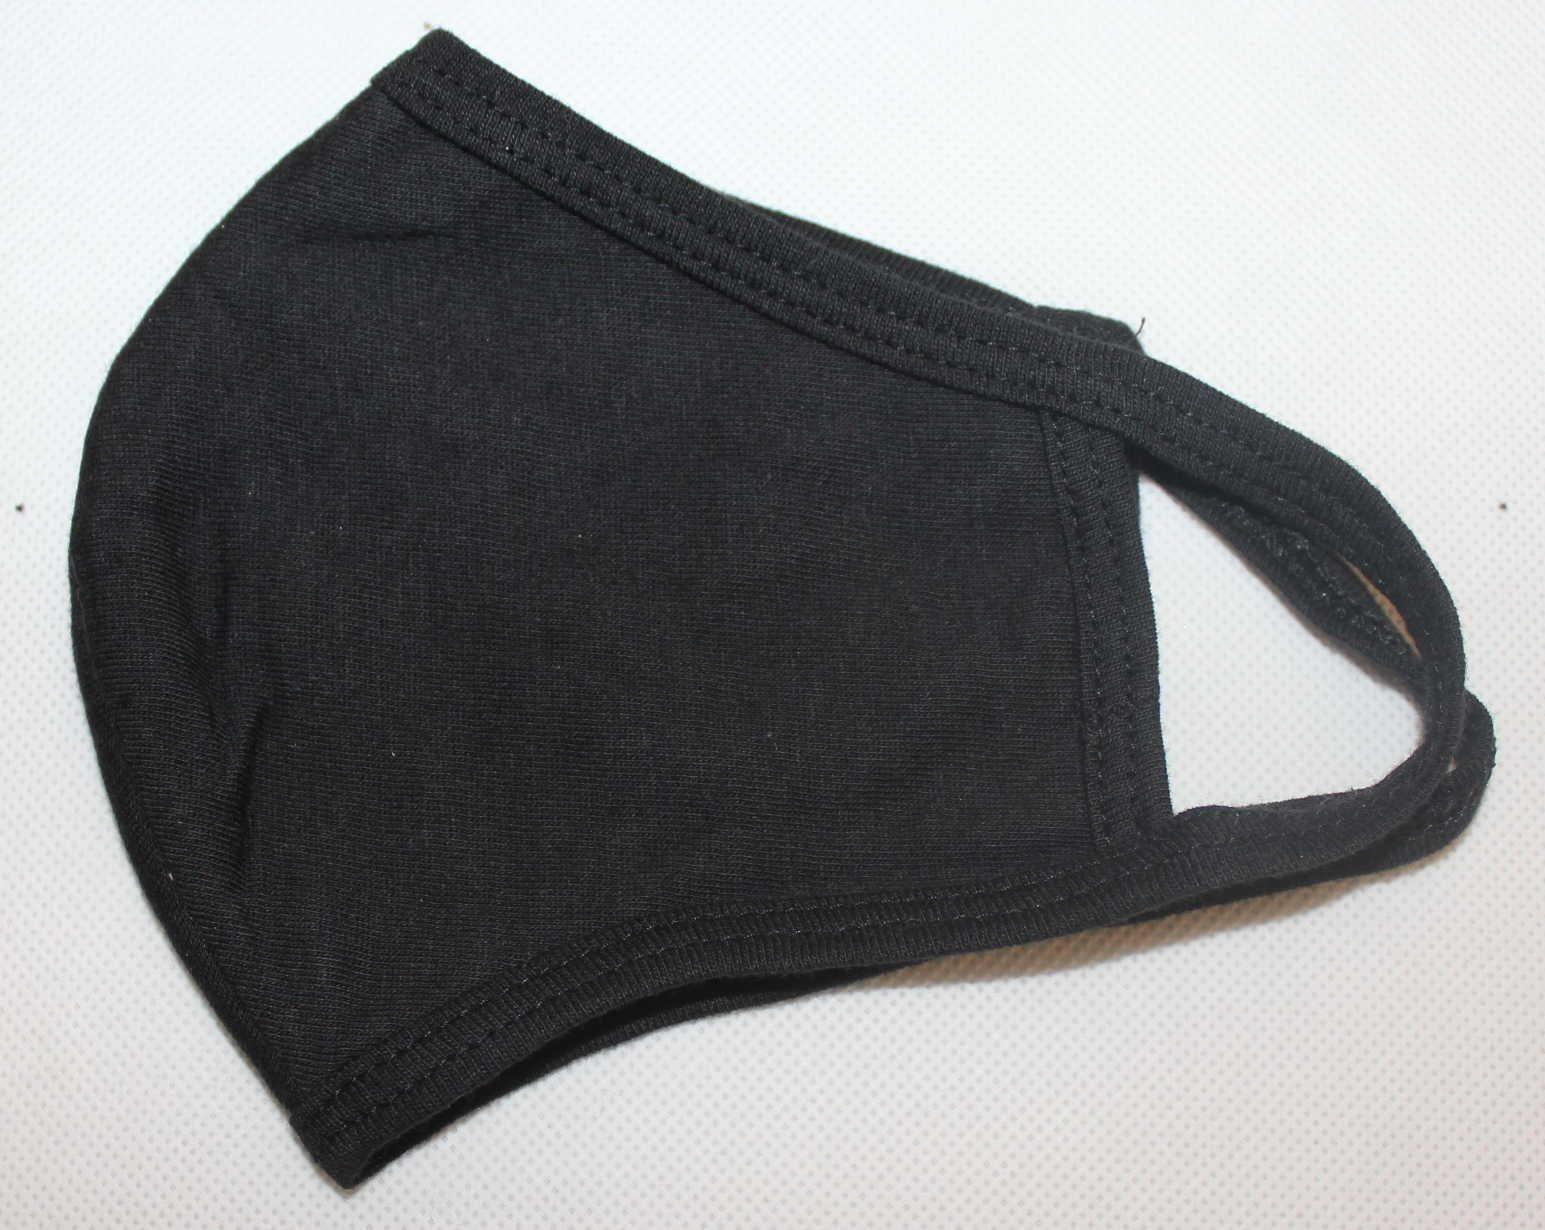 černá rouška, bavlněná rouška, dětská černá rouška, dámská černá rouška